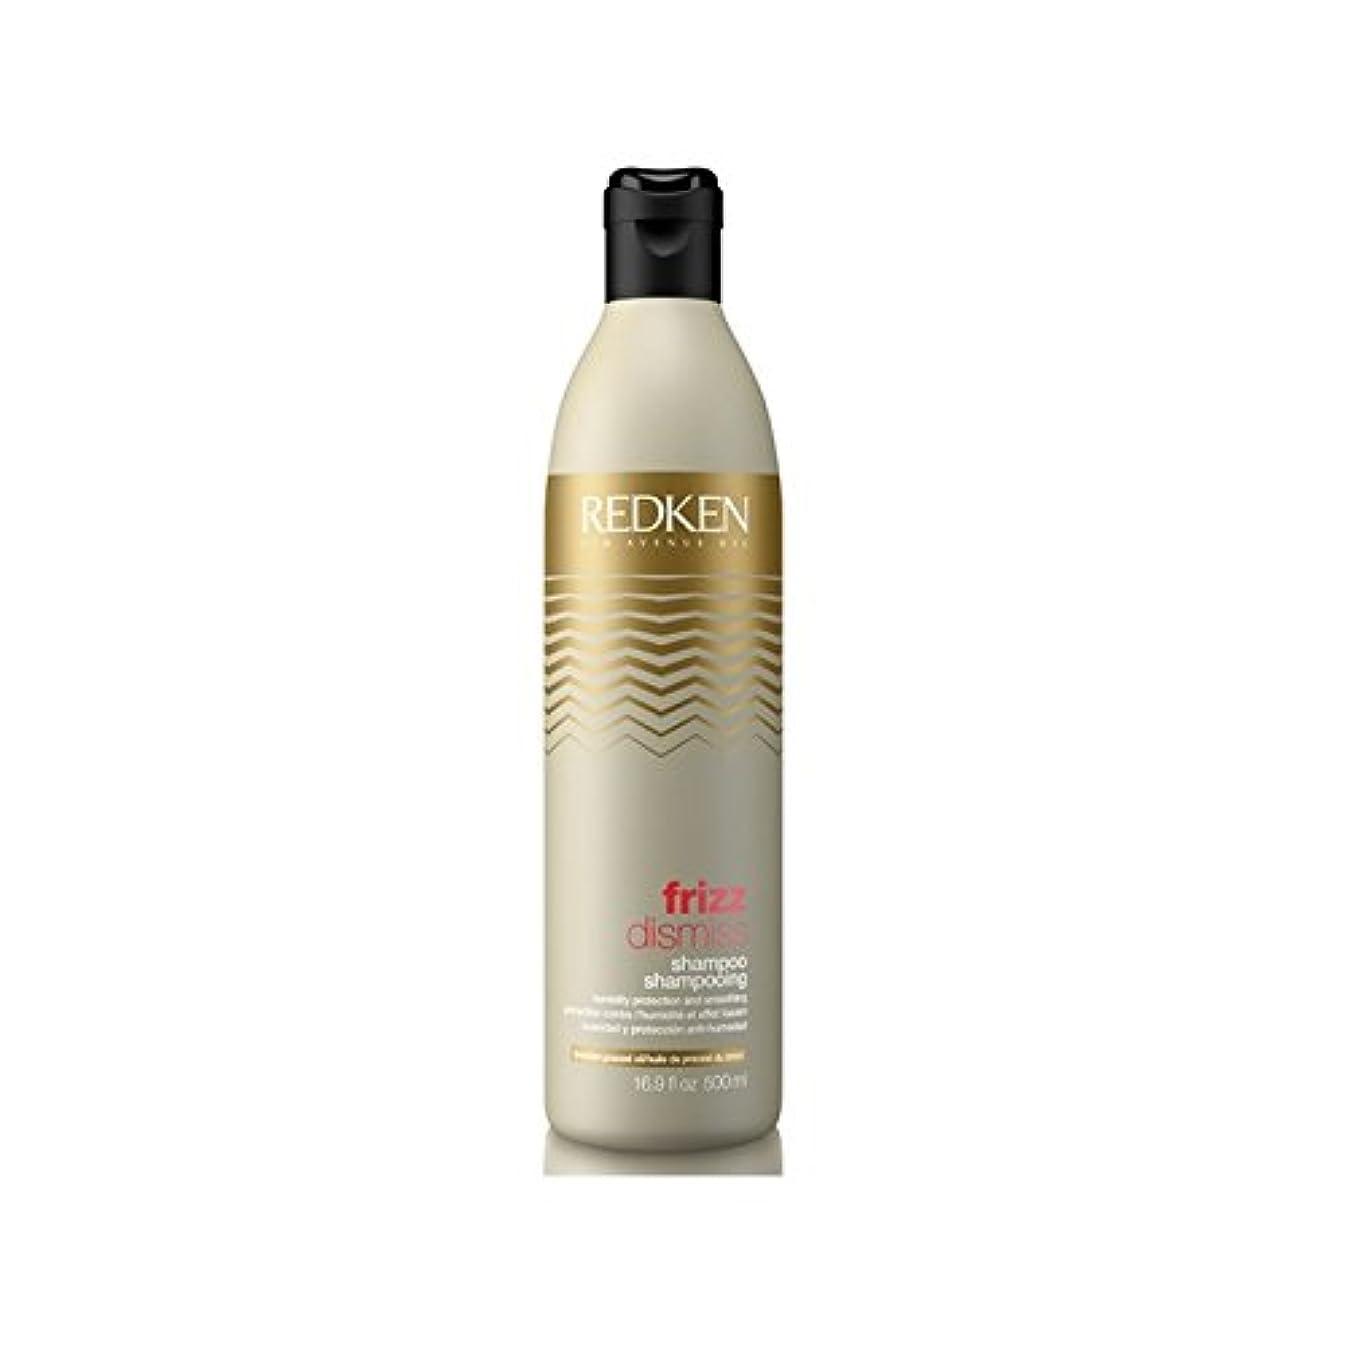 グリーンバックキャラバン踏み台レッドケンの縮れシャンプー500ミリリットルを解任 x2 - Redken Frizz Dismiss Shampoo 500ml (Pack of 2) [並行輸入品]